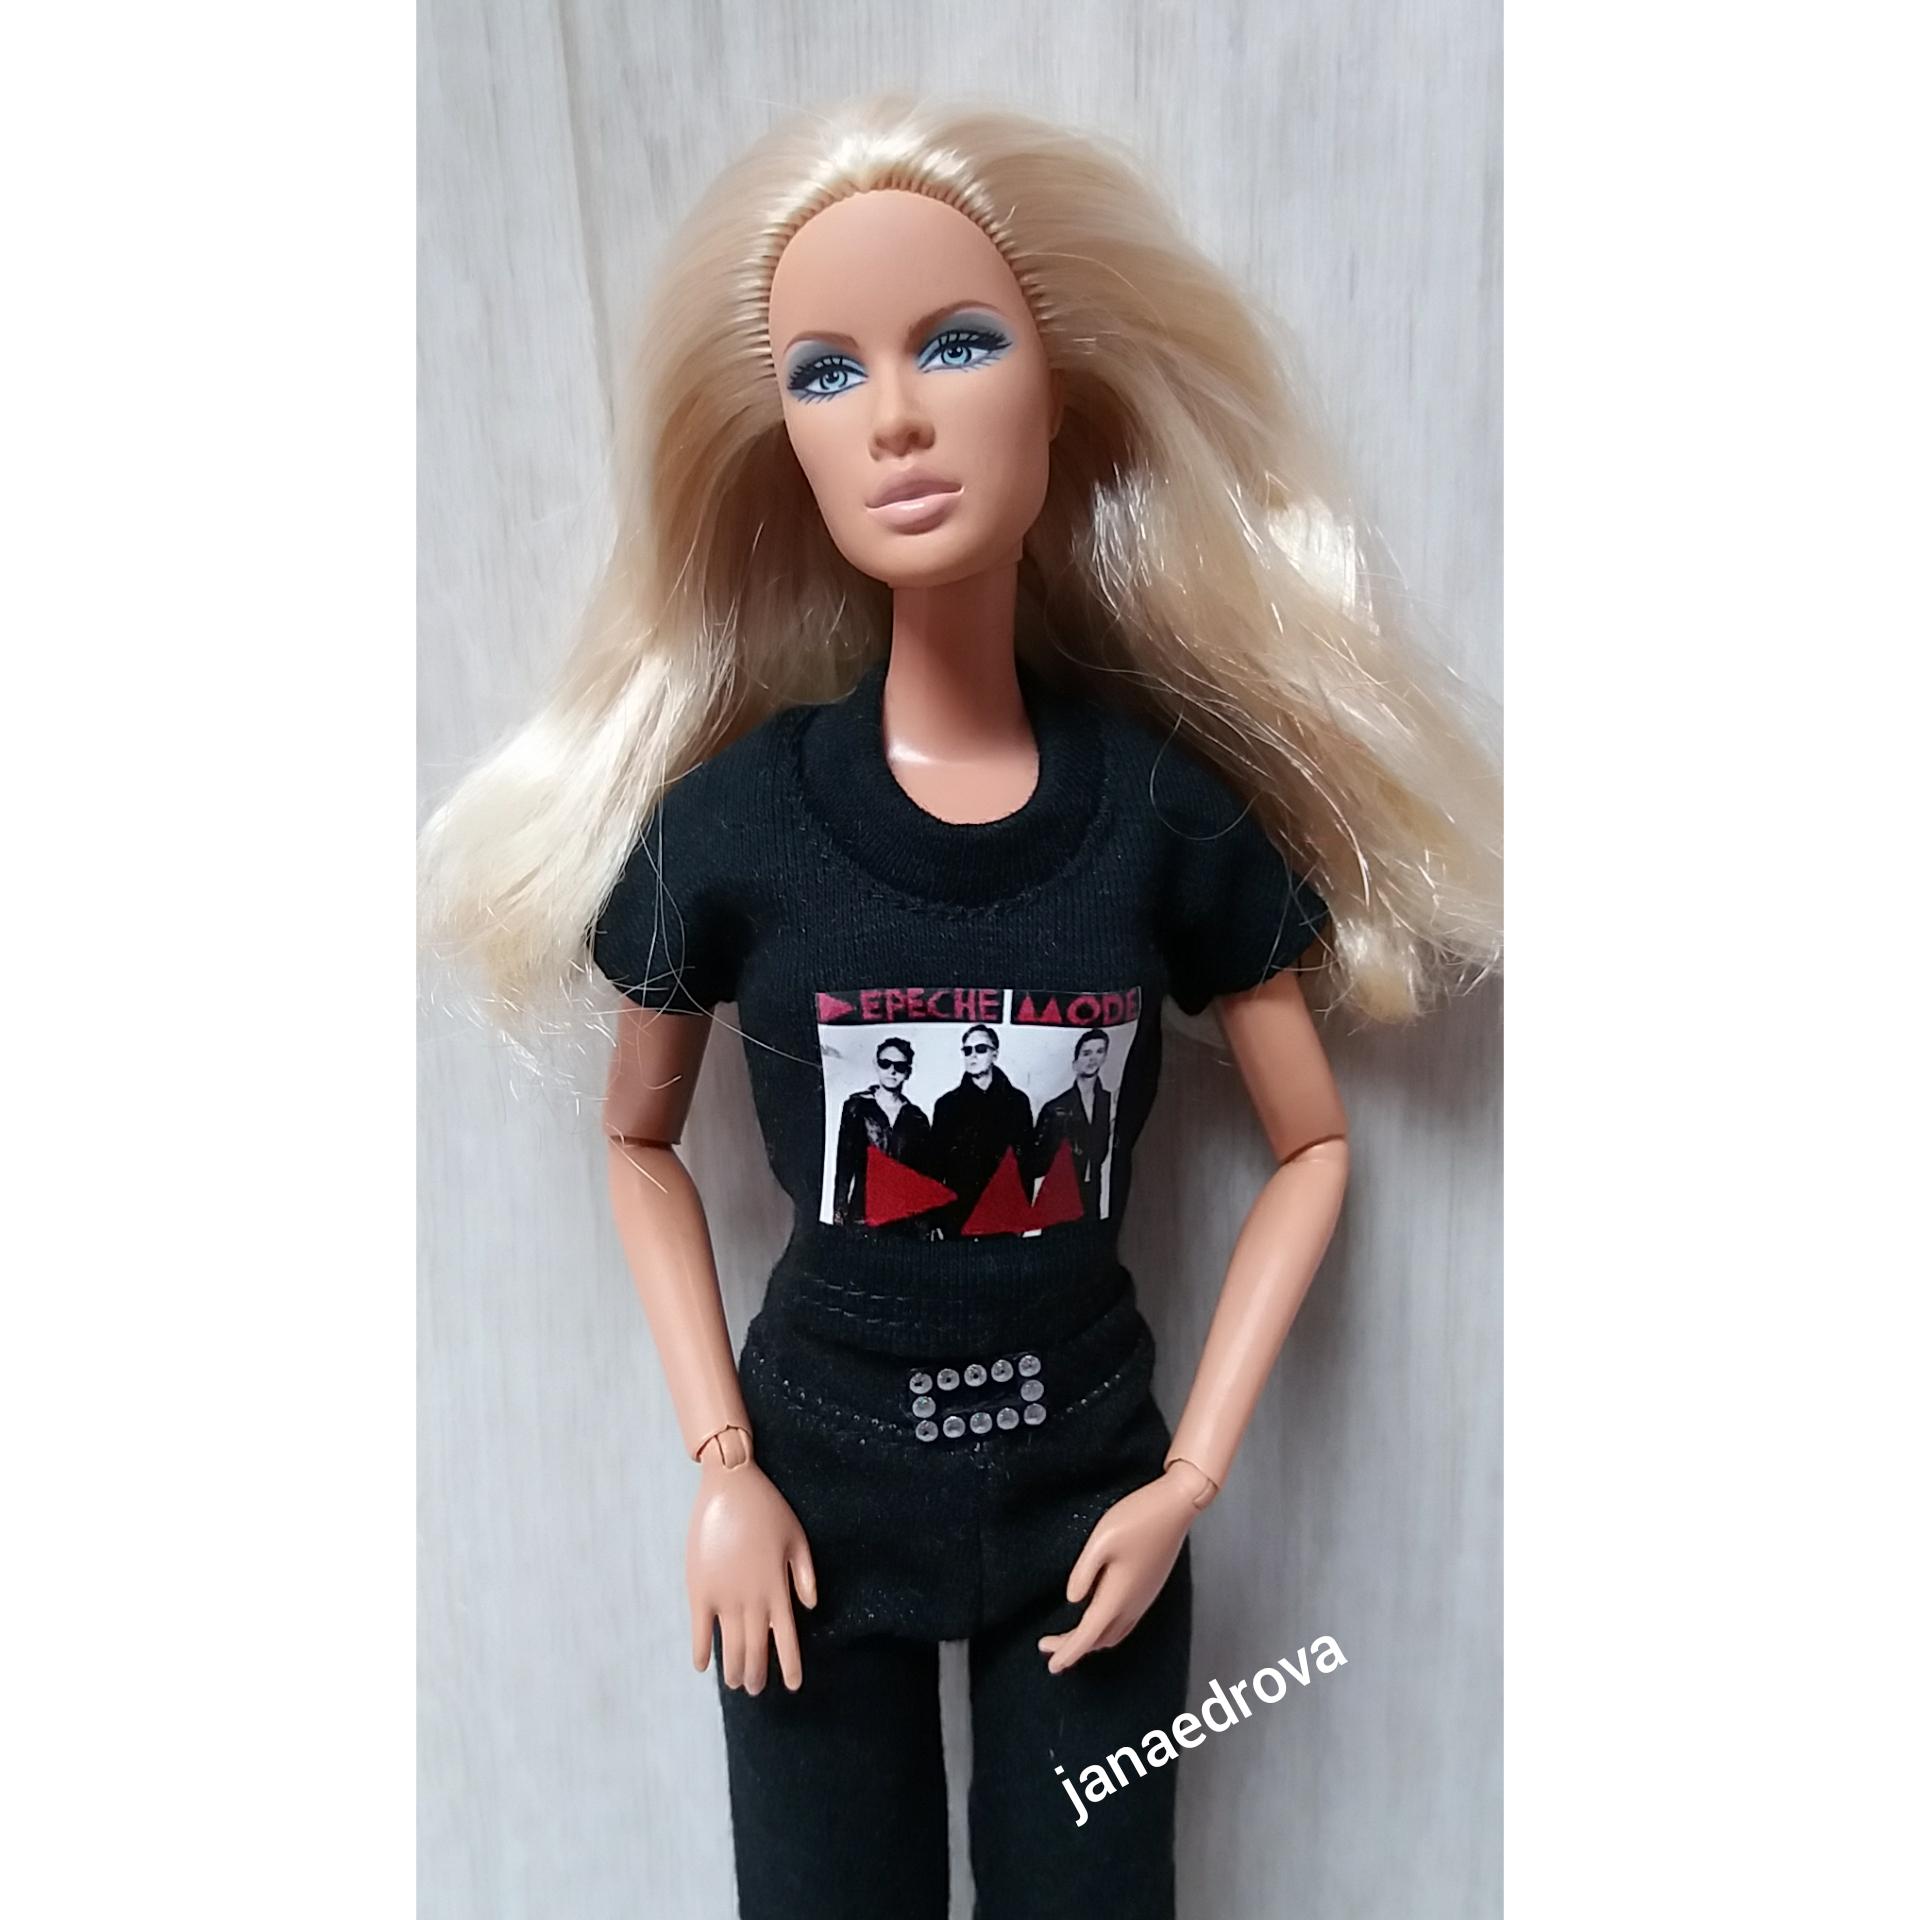 47d3a7c90b Tričko na Barbie Depeche Mode